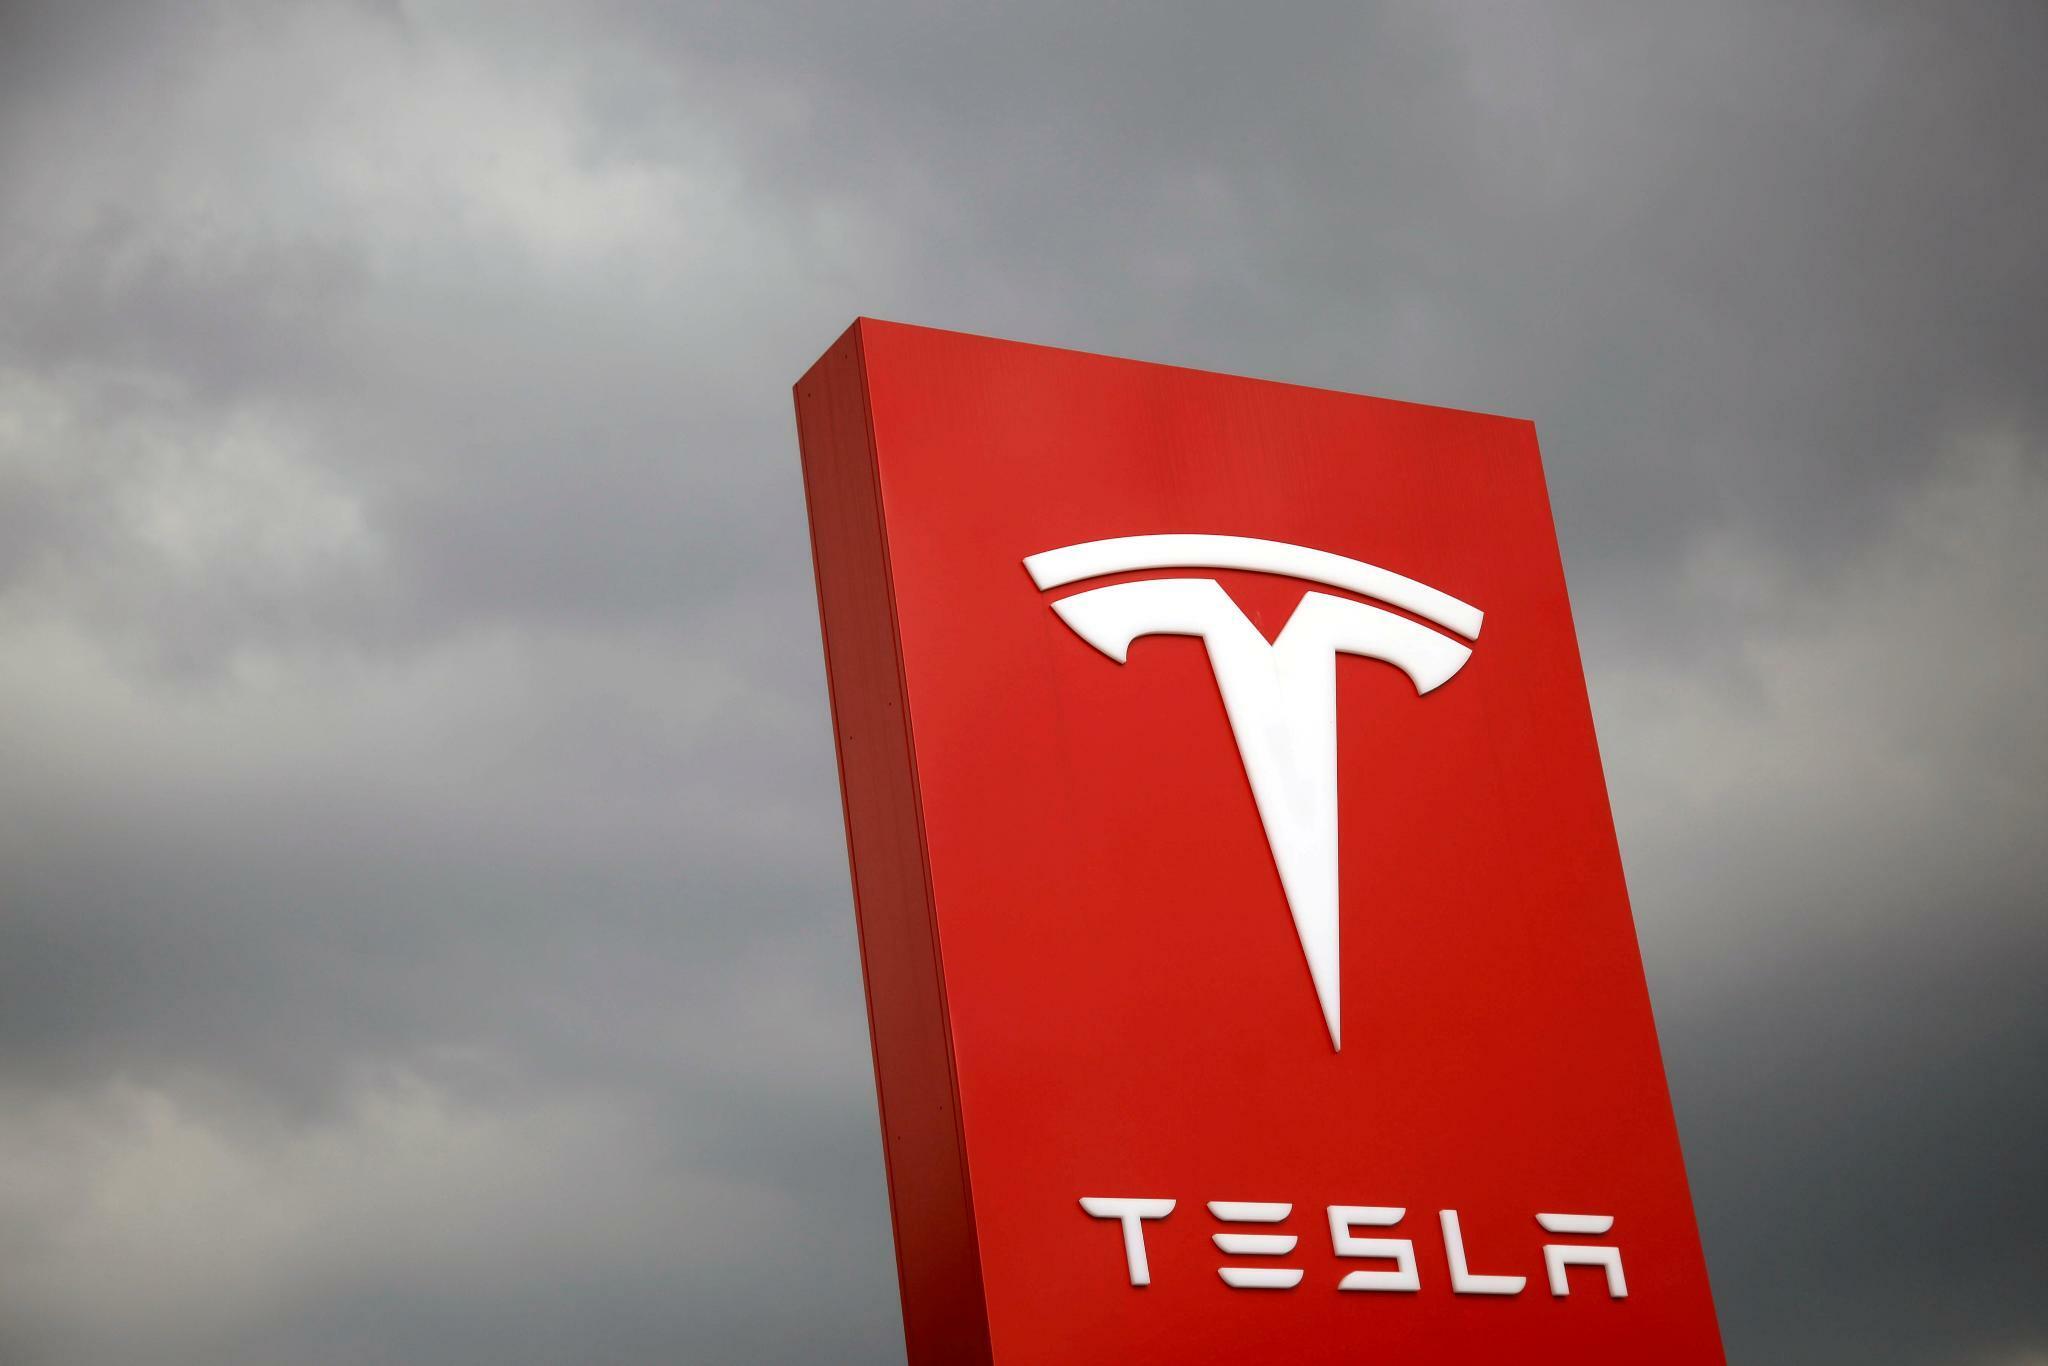 Tesla soll sich auch in NRW Flächen für neue Fabrik anschauen